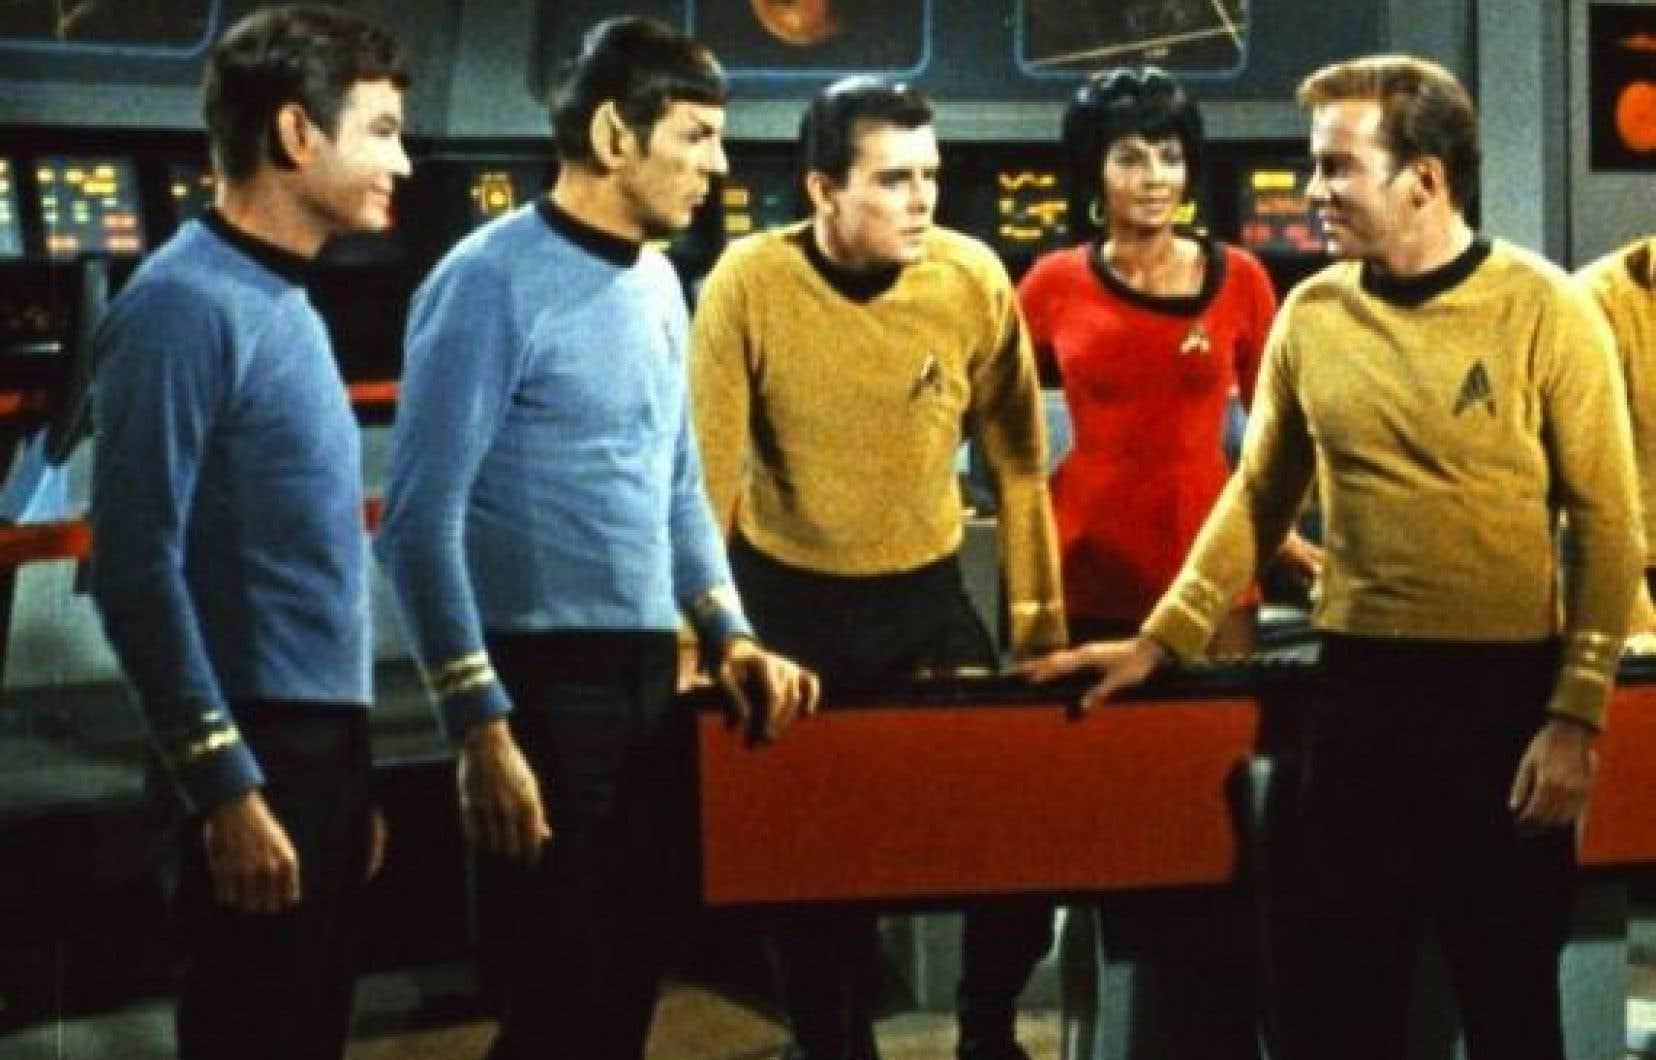 L'équipage original de la série Star Trek, avec notamment M. Spock (Leonard Nimoy, deuxième à gauche) et le capitaine Kirk (William Shatner, à droite)